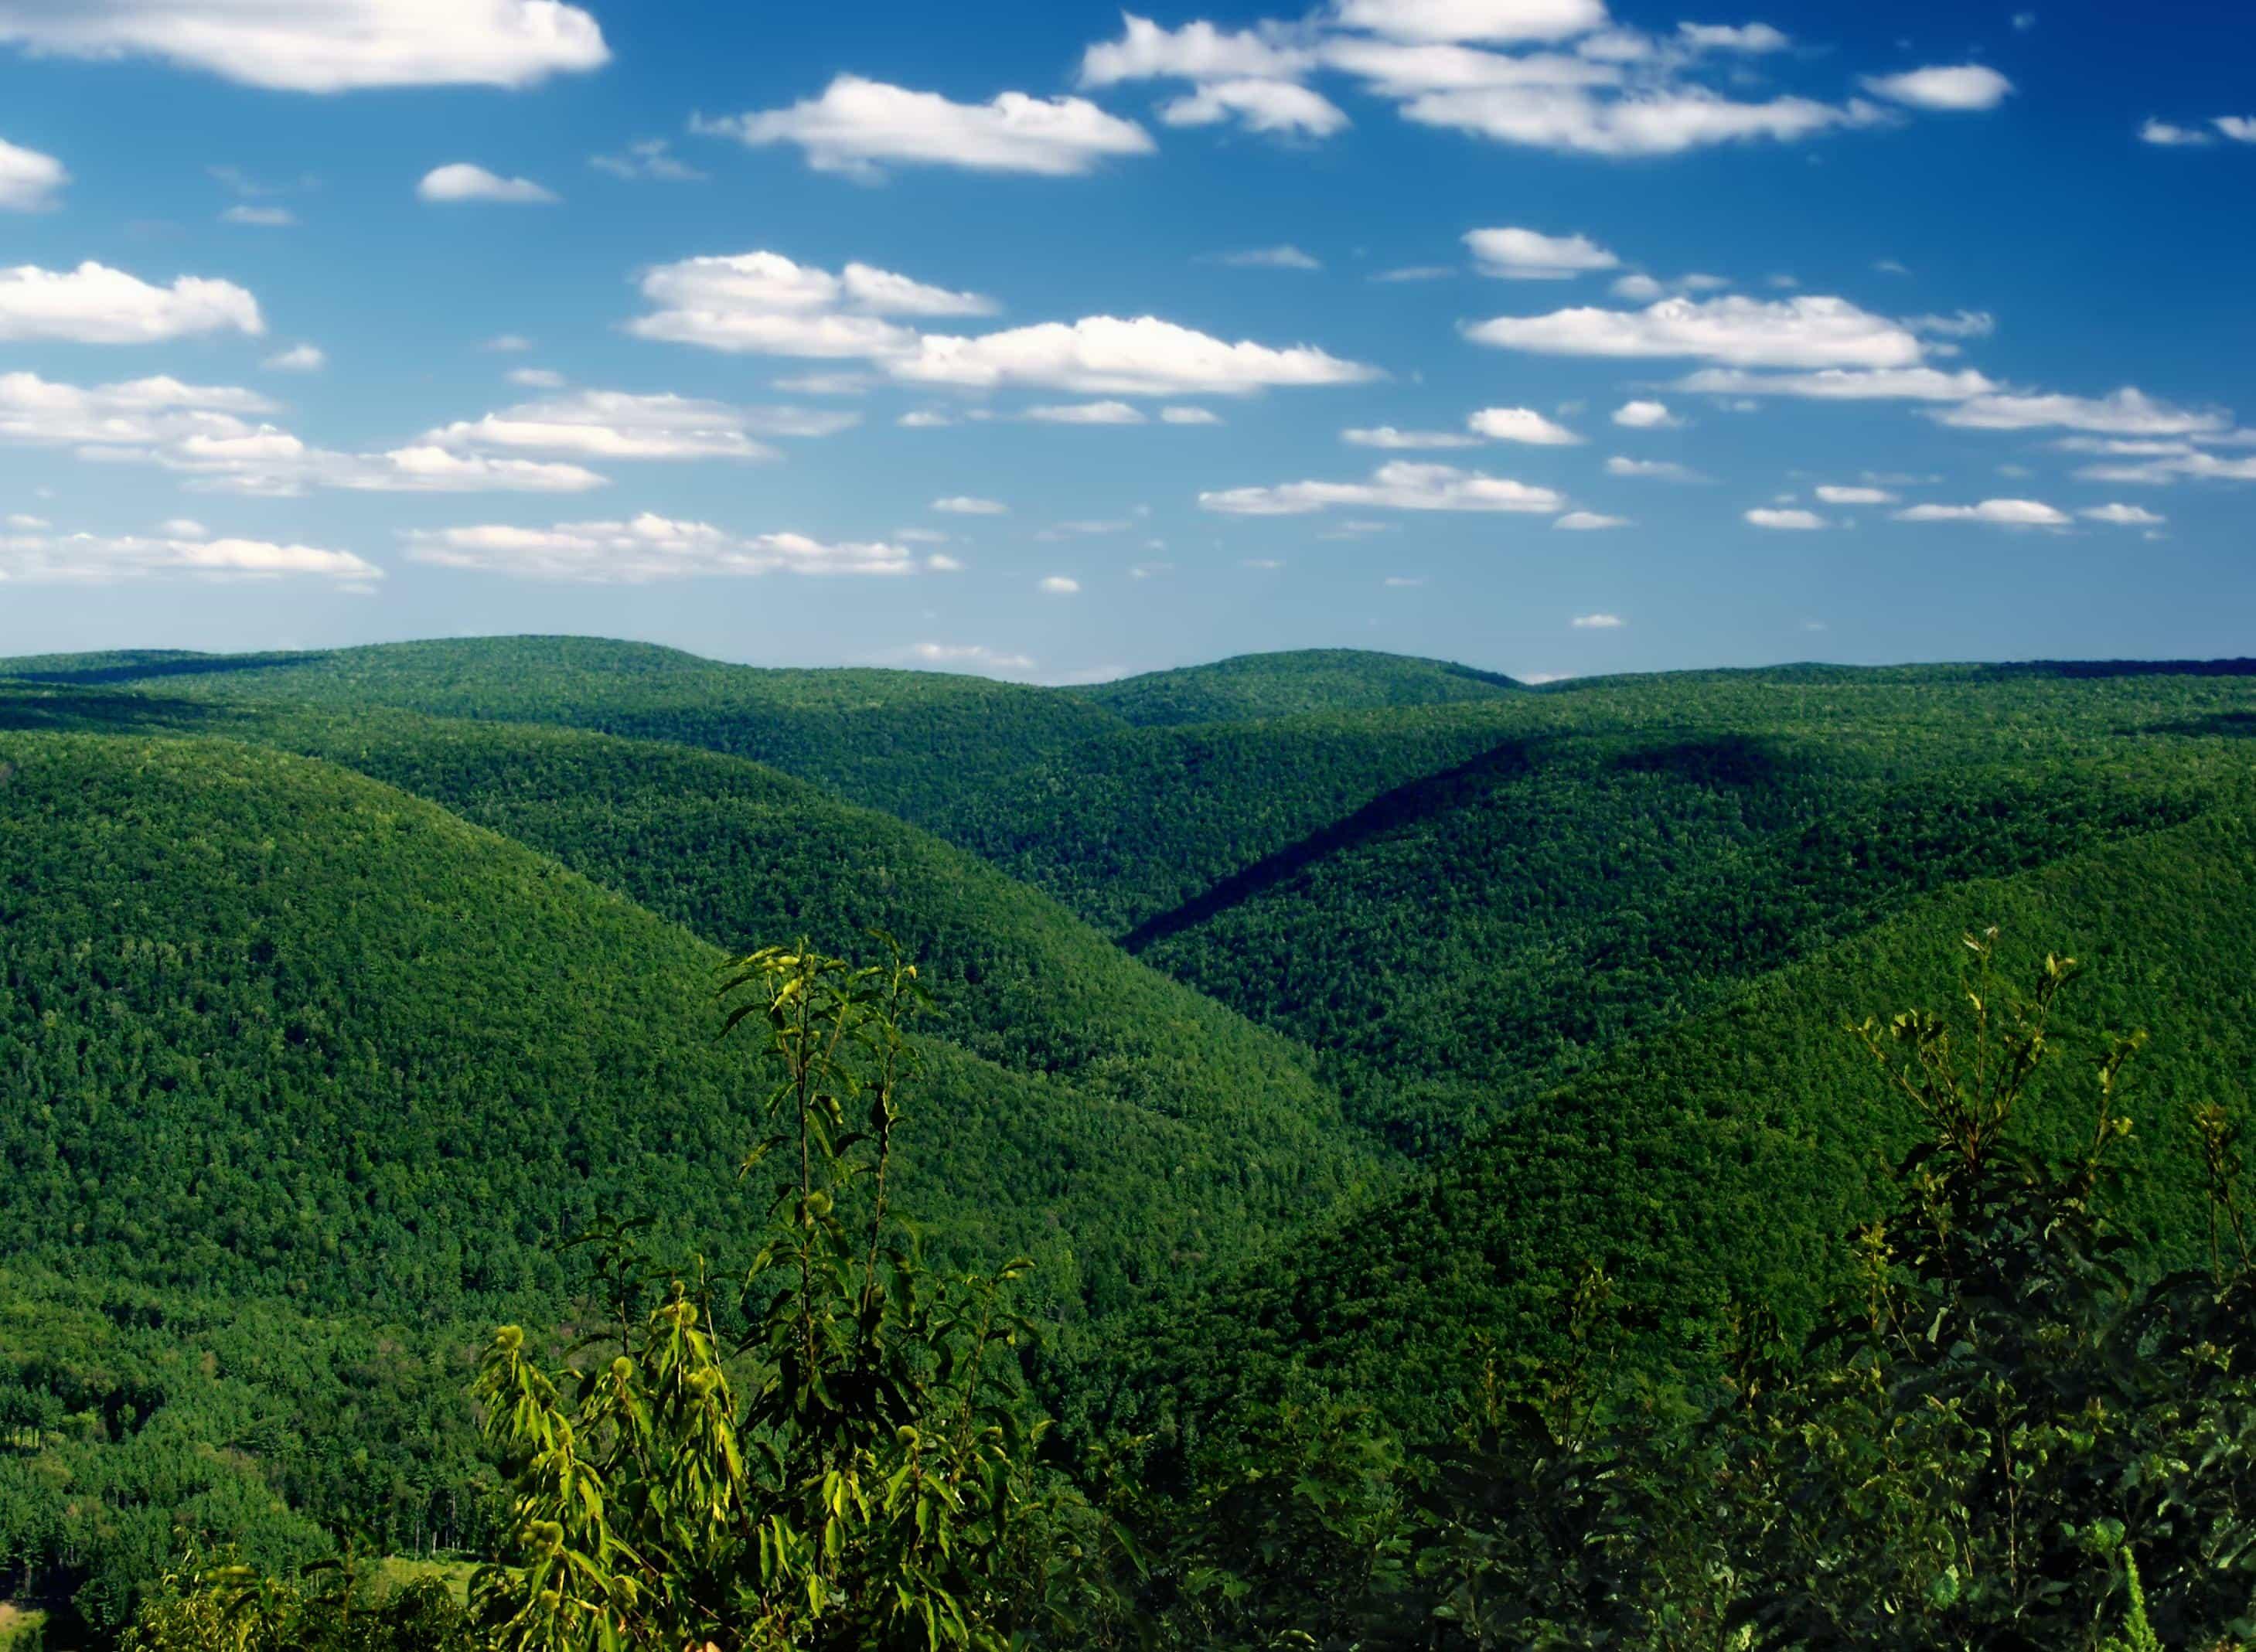 paysage colline vert fort nuage nature sauvage nature arbre ciel plein air - Arbre Ciel